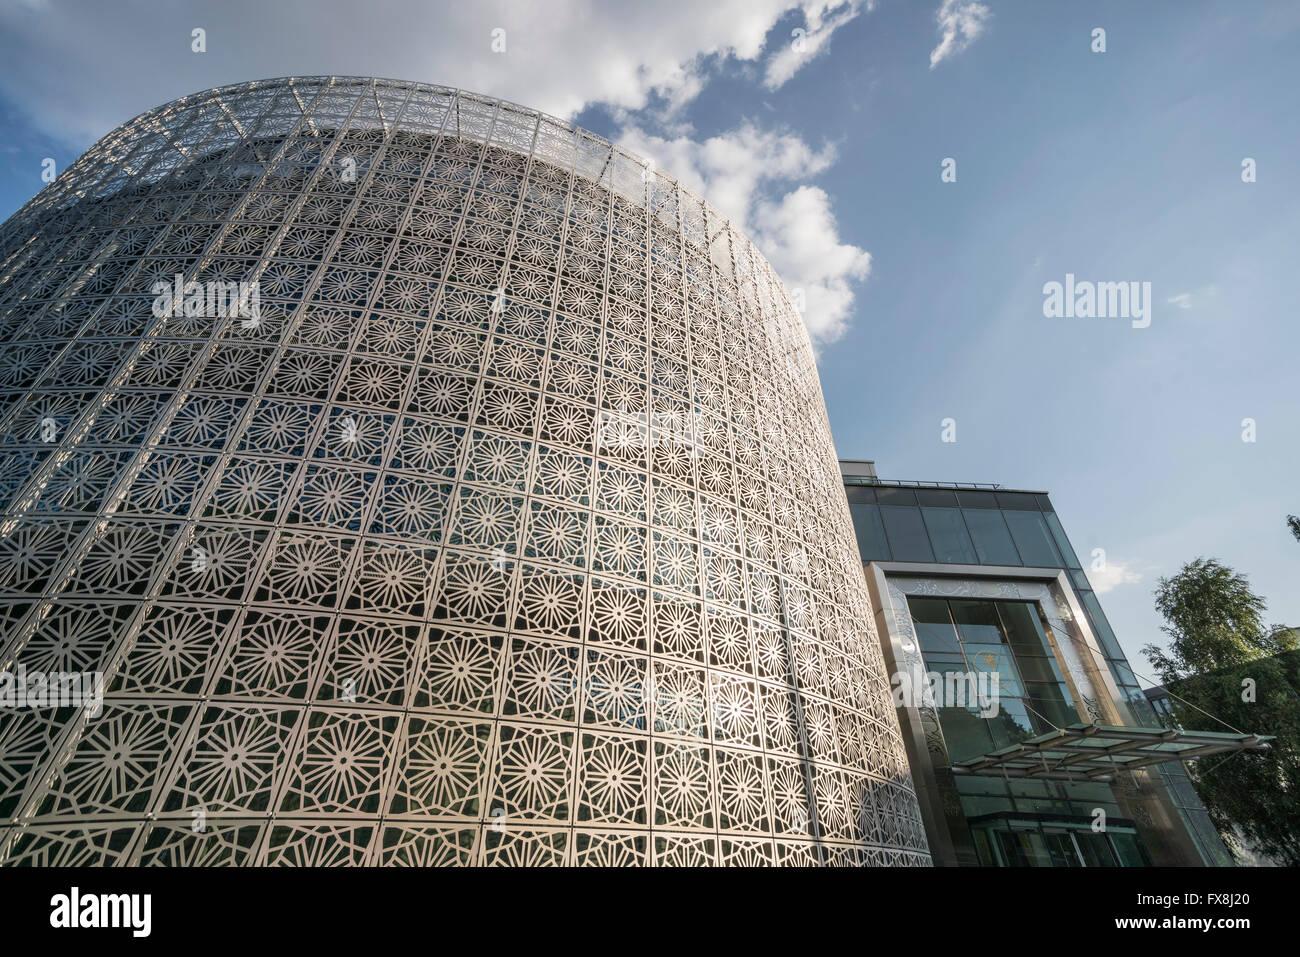 Ambasciata Arabia Saudita , Tiergarten di Berlino Immagini Stock